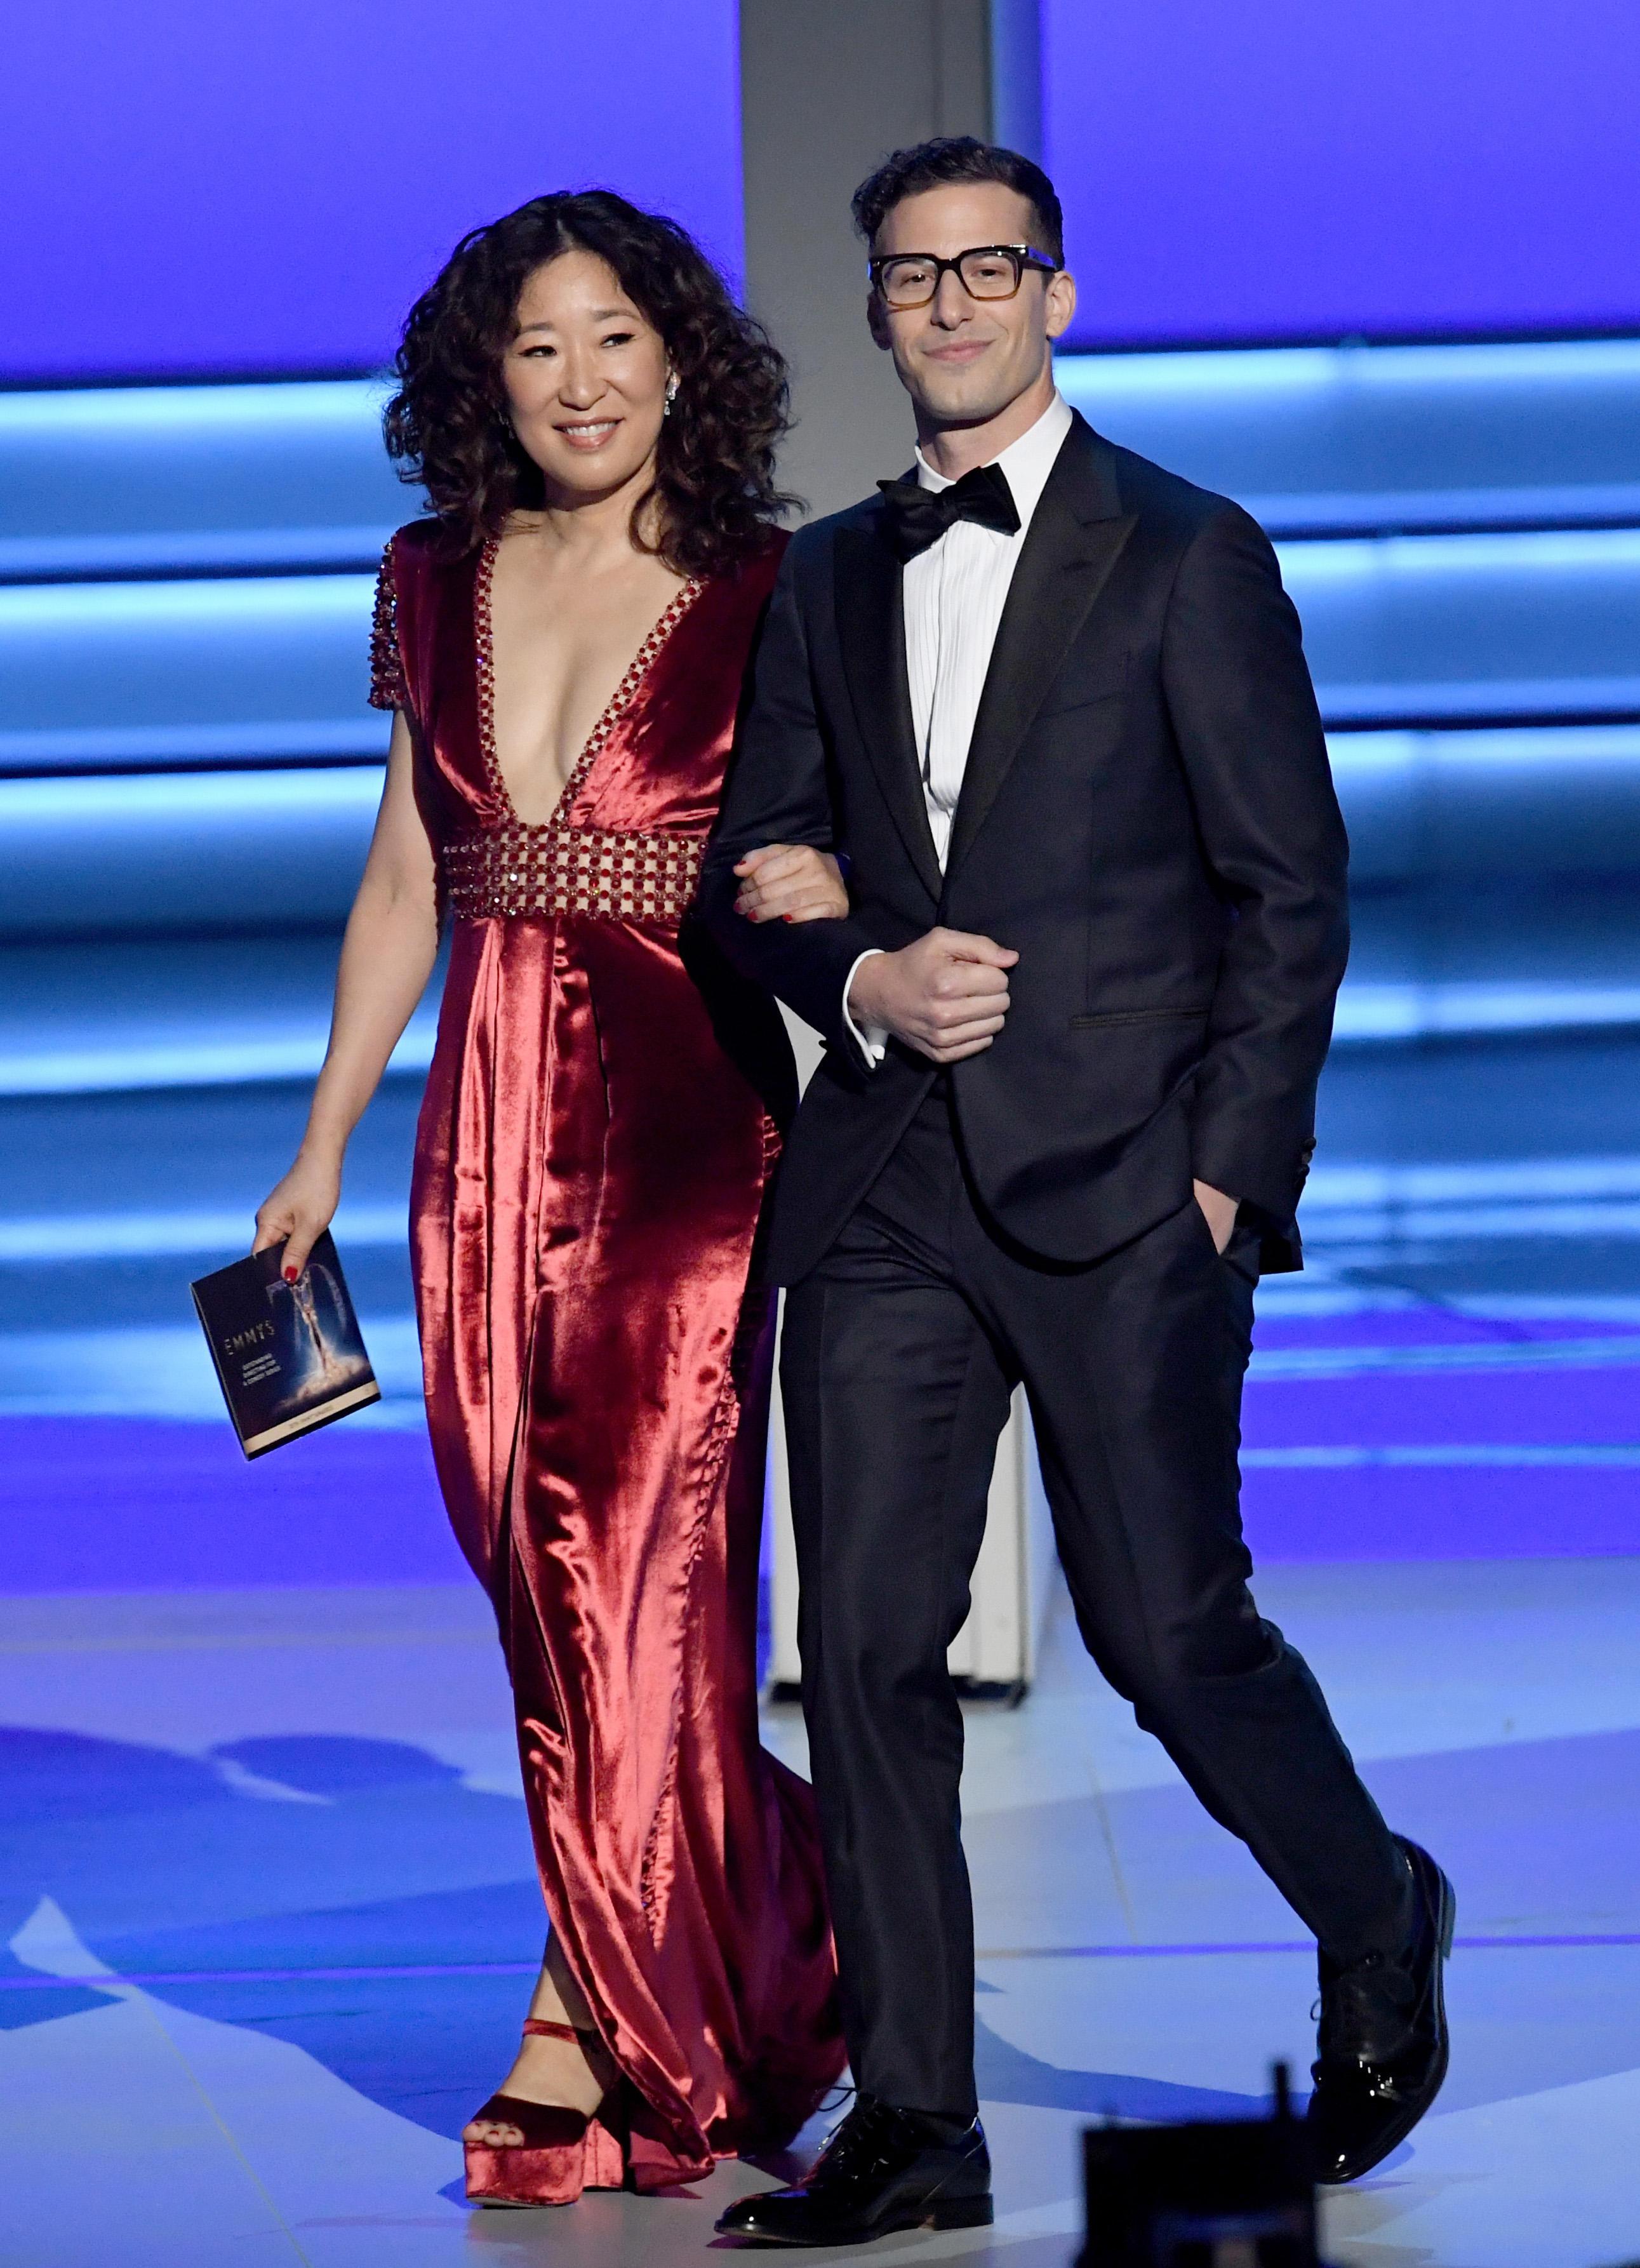 4e6313865a Sandra Oh and Andy Samberg to host 2019 Golden Globe Awards - CBS News